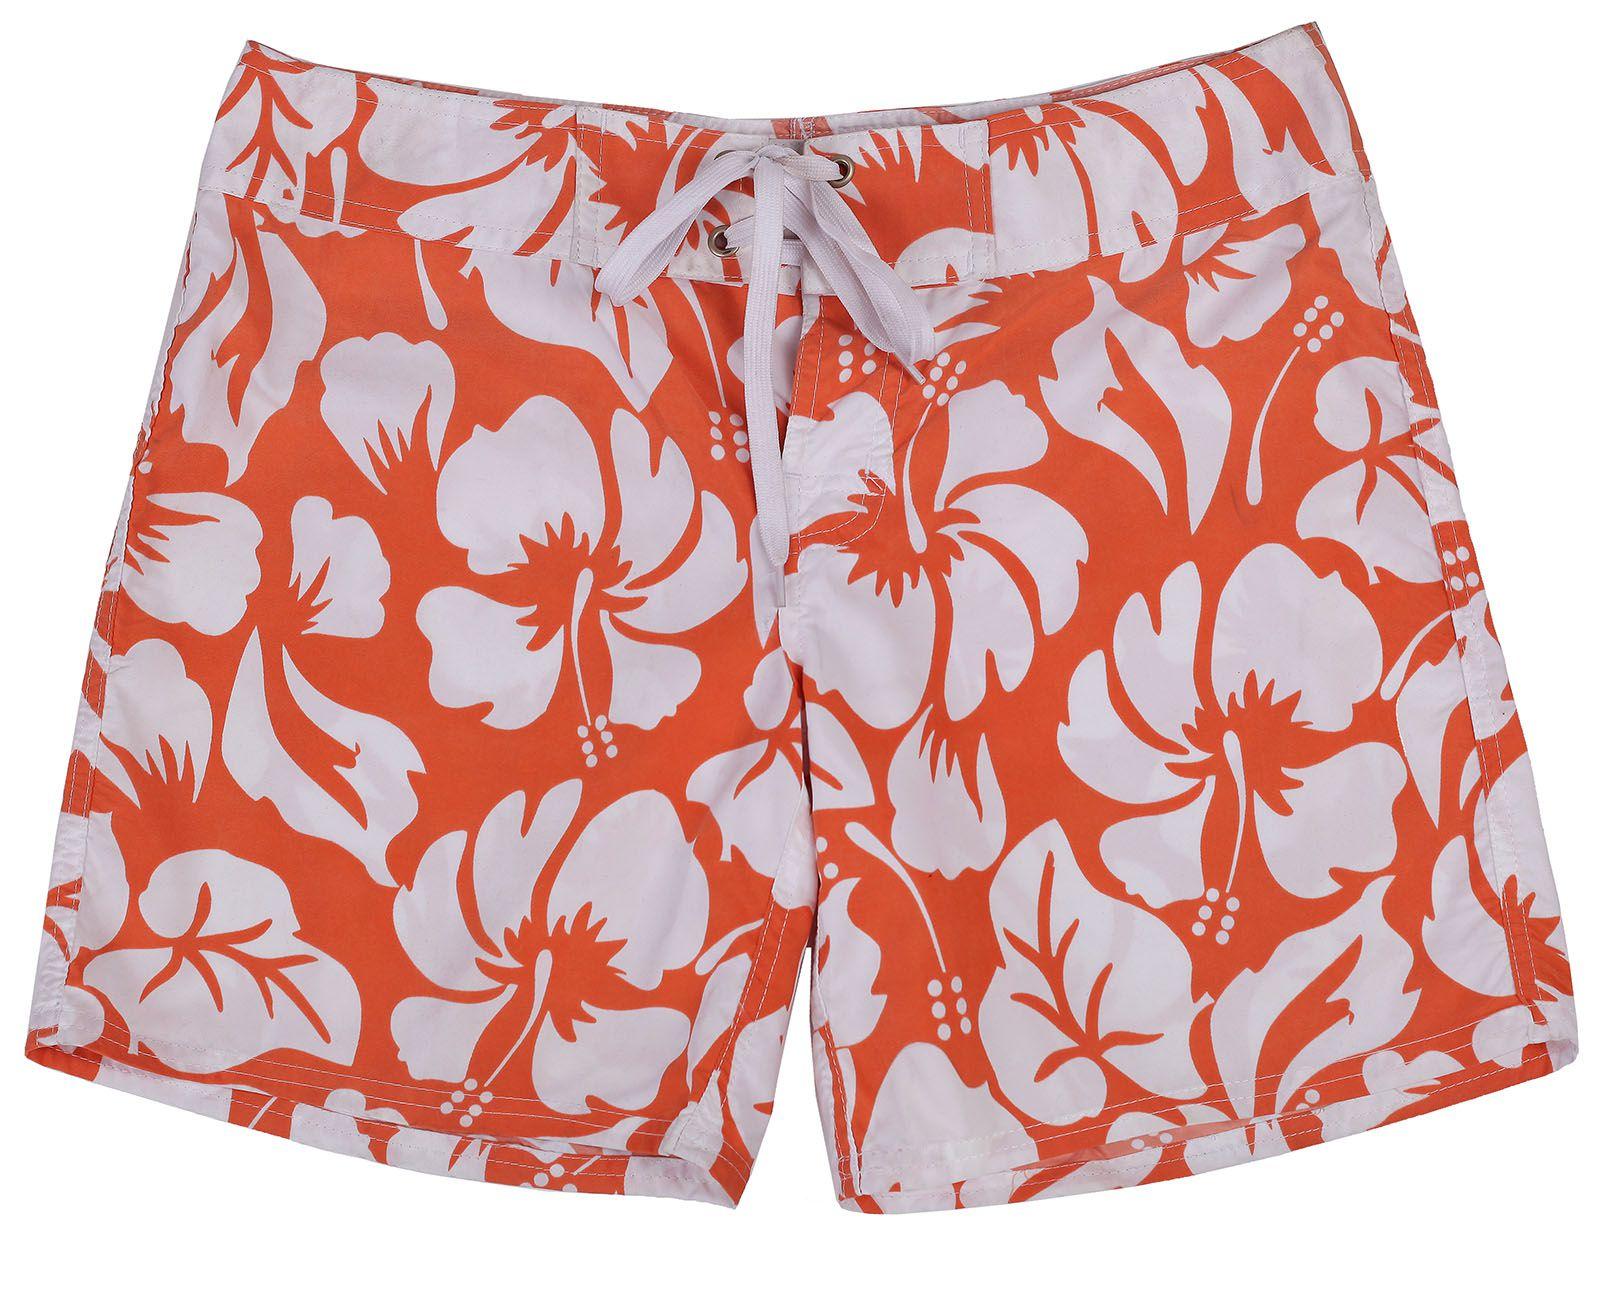 Яркие пляжные шорты для летнего отдыха